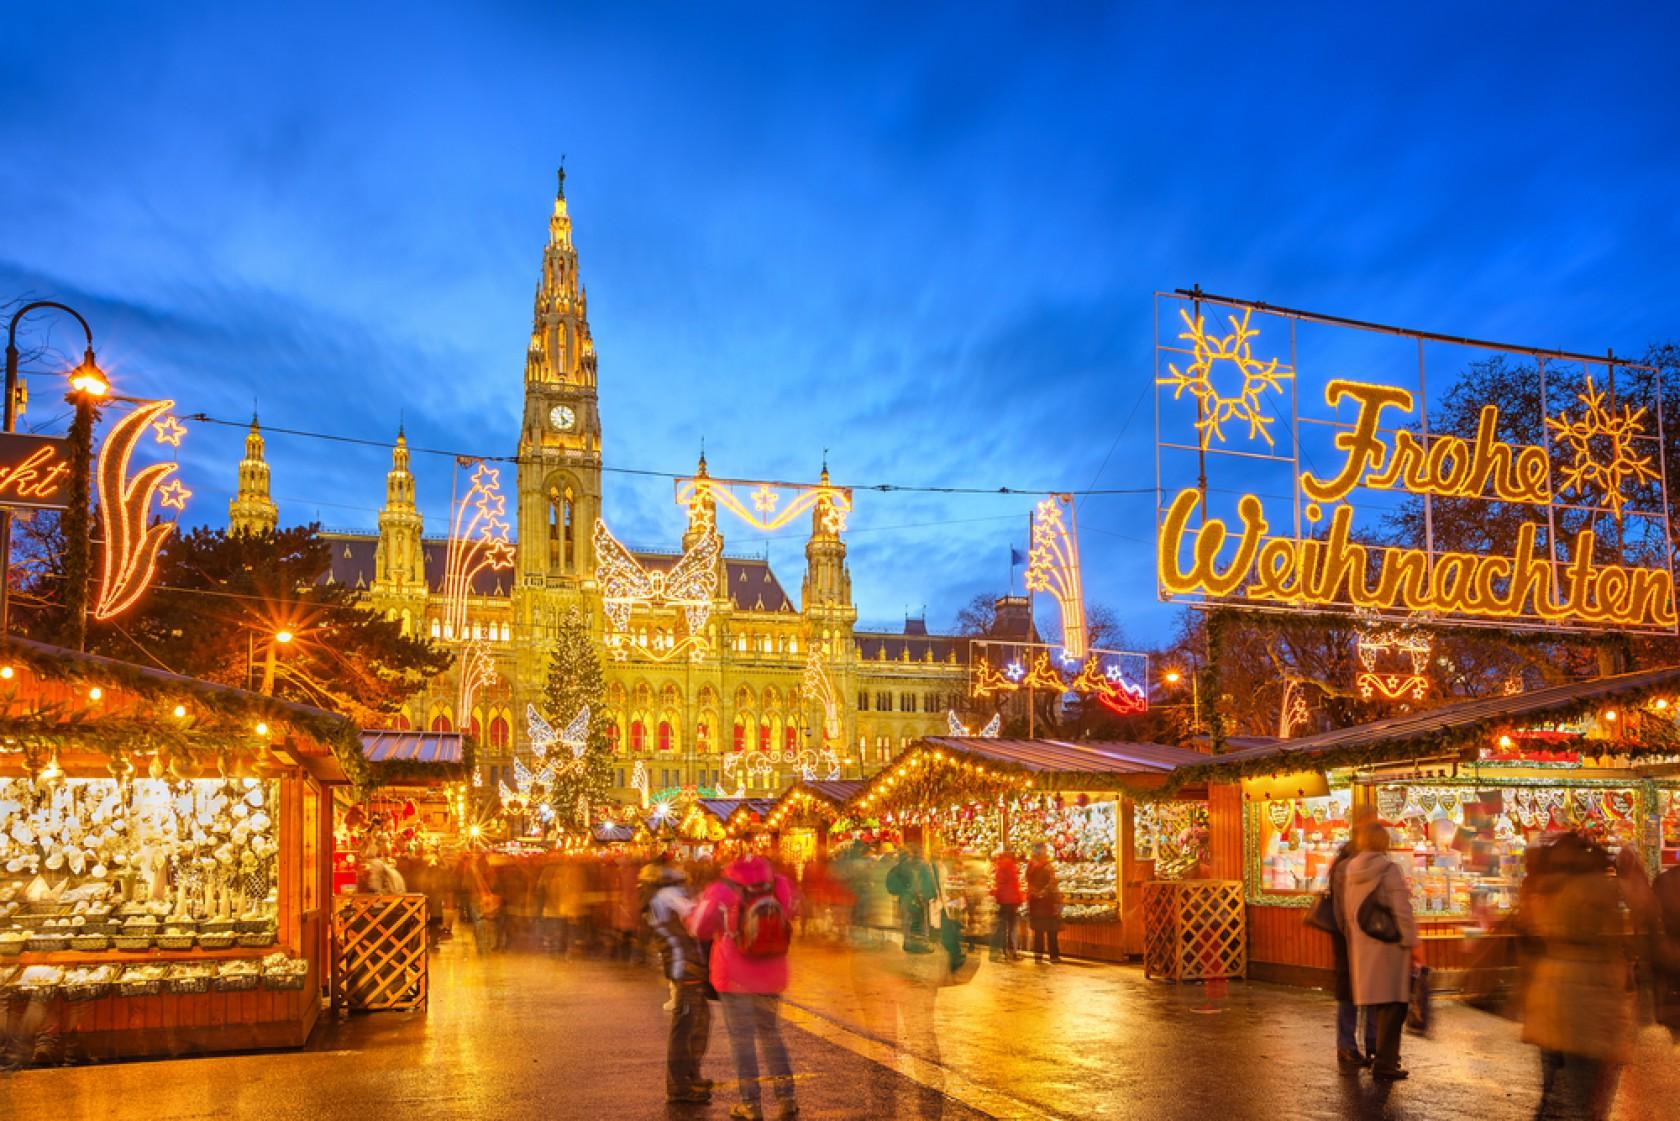 【2016年12月6日(火)出発限定】 ウィーン☆夢のクリスマストレイン『皇帝列車』で郊外のハプ